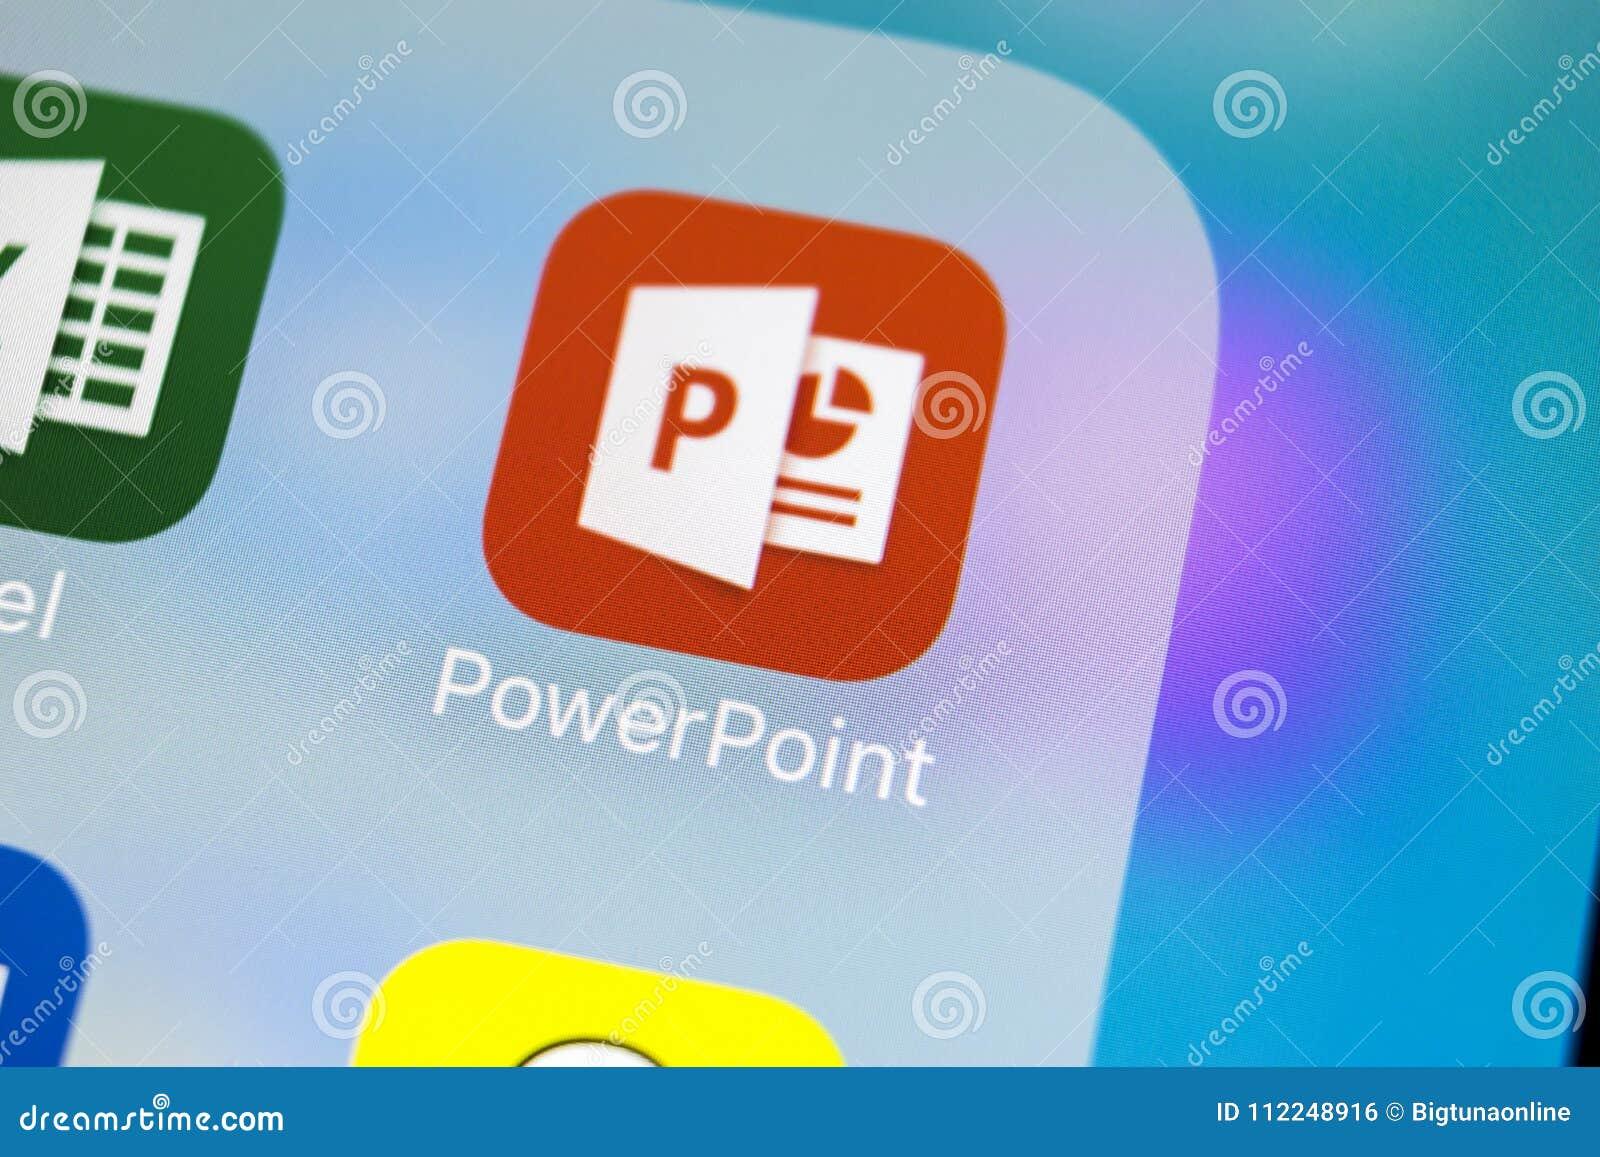 Microsoft-de toepassingspictogram van bureaupower point op Apple-iPhone X het schermclose-up Het pictogram van PowerPoint app Mic